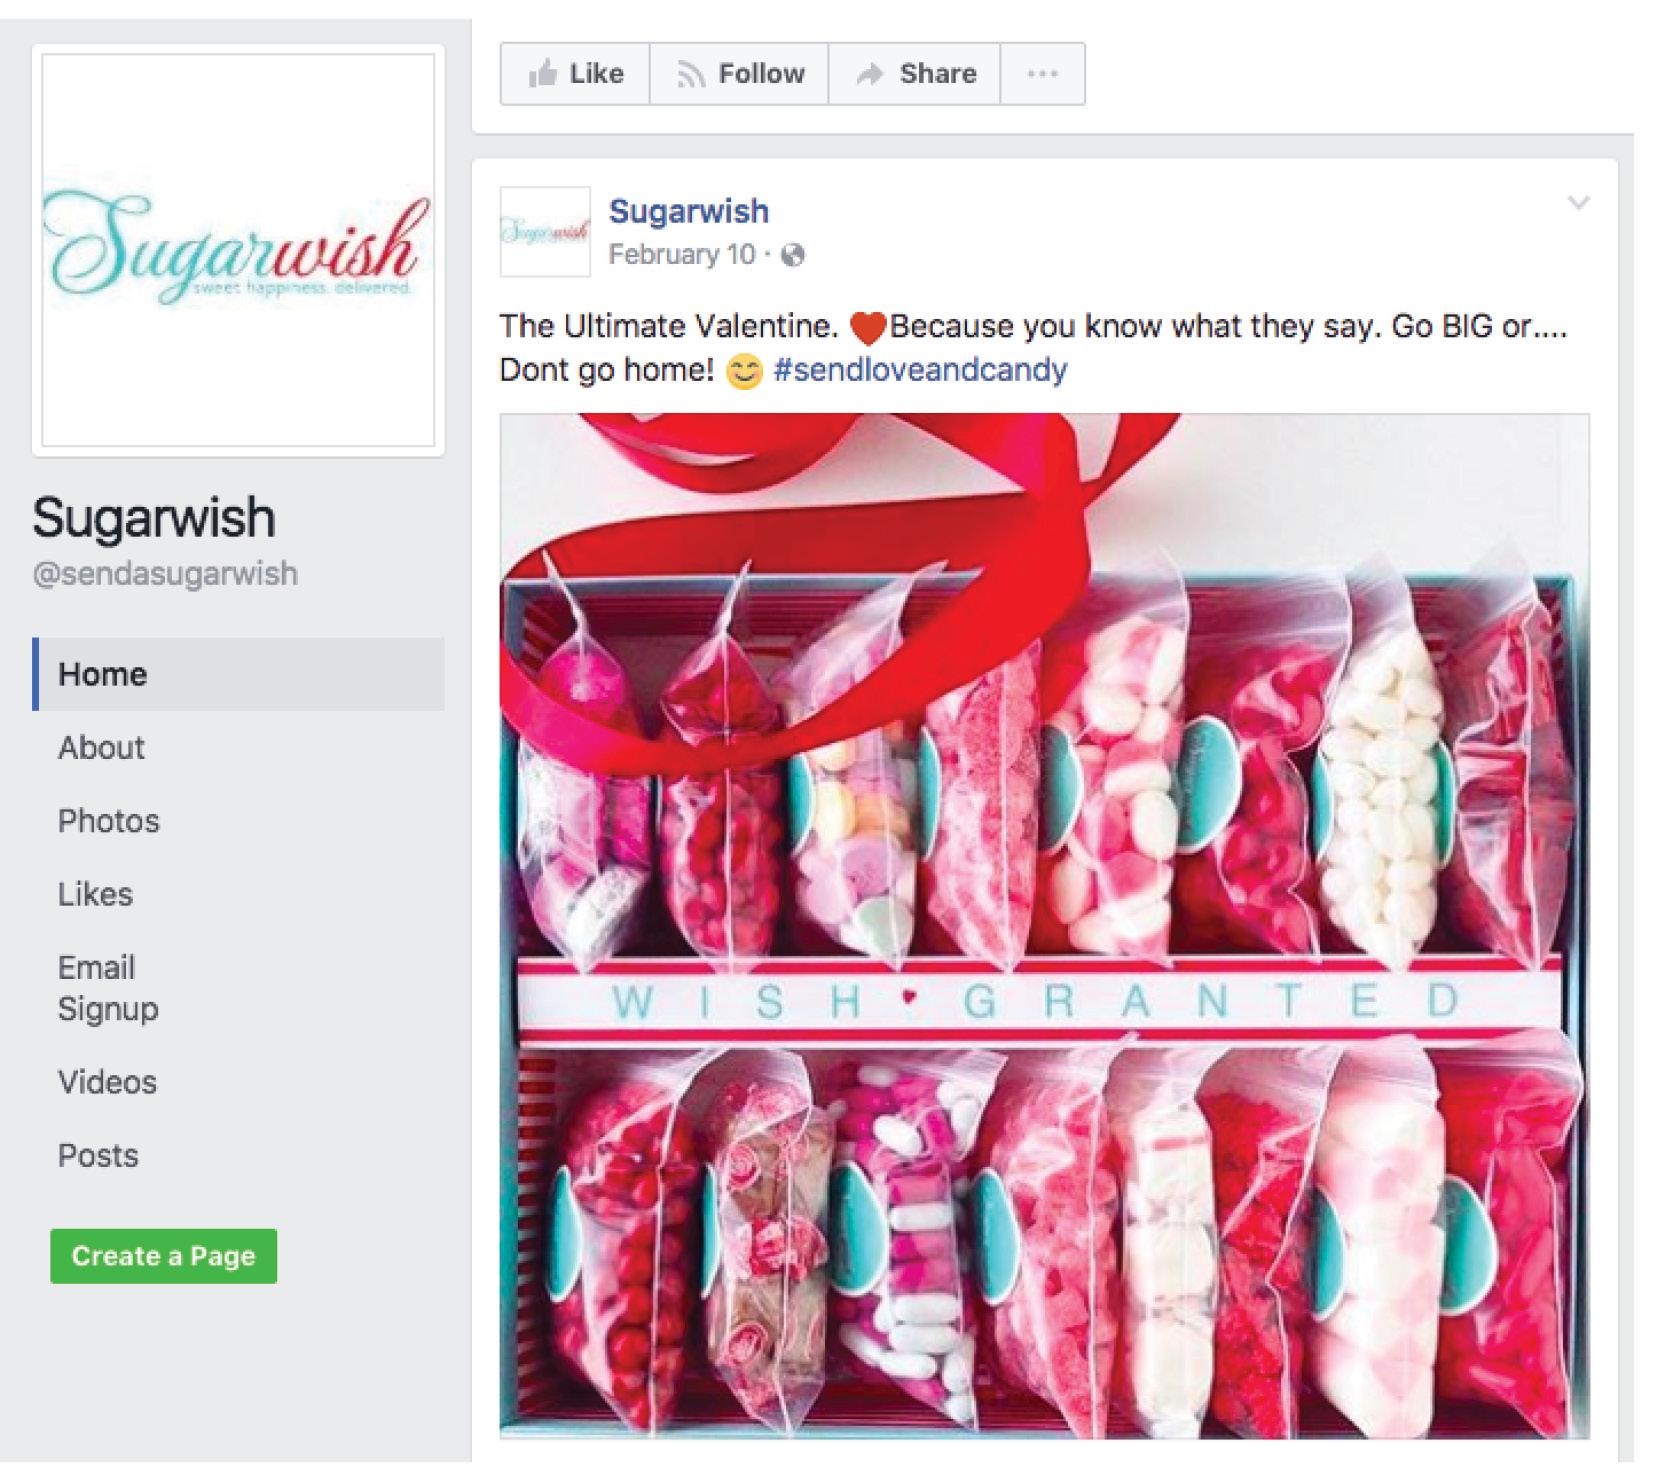 Sugarwish Facebook Page